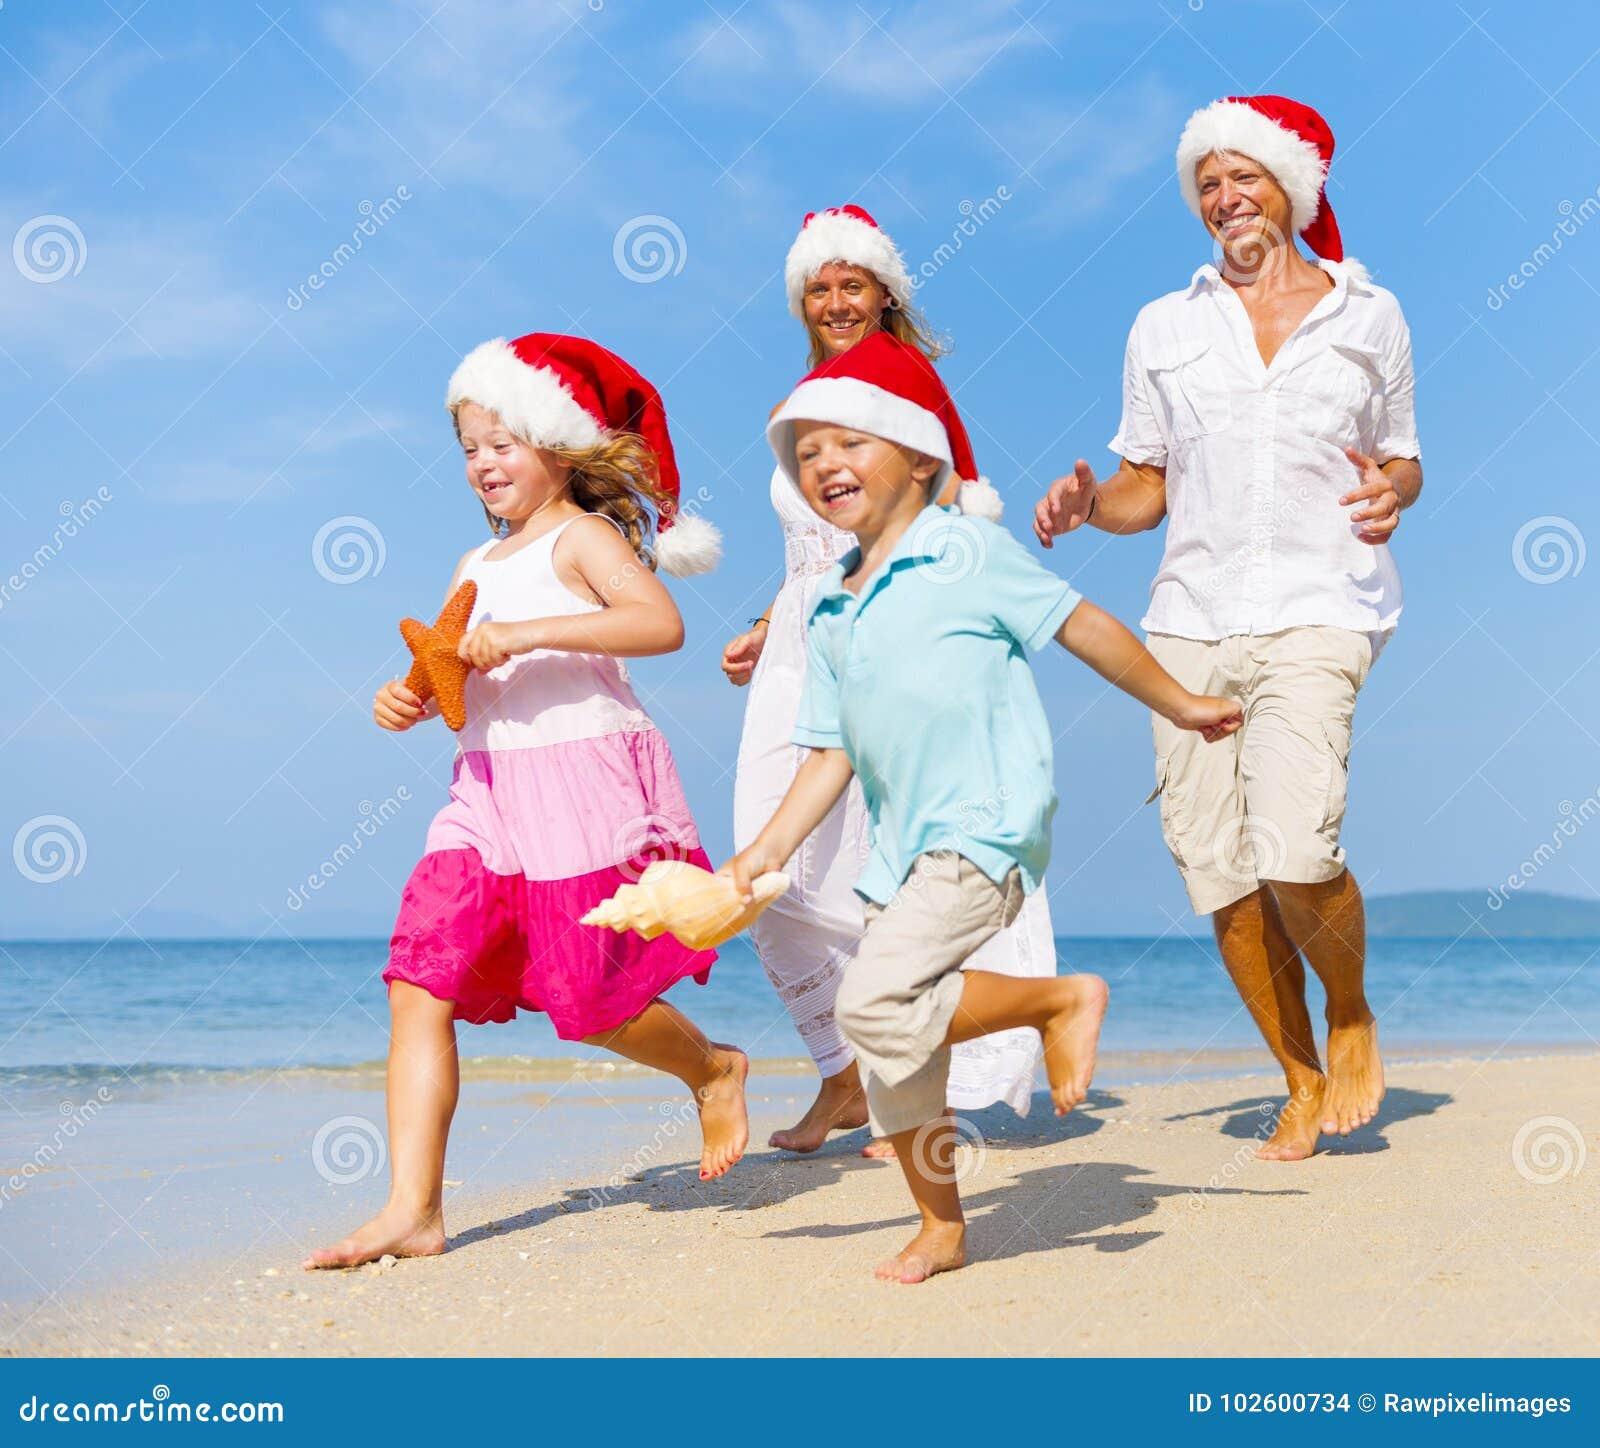 Una familia caucásica está disfrutando de vacaciones de verano